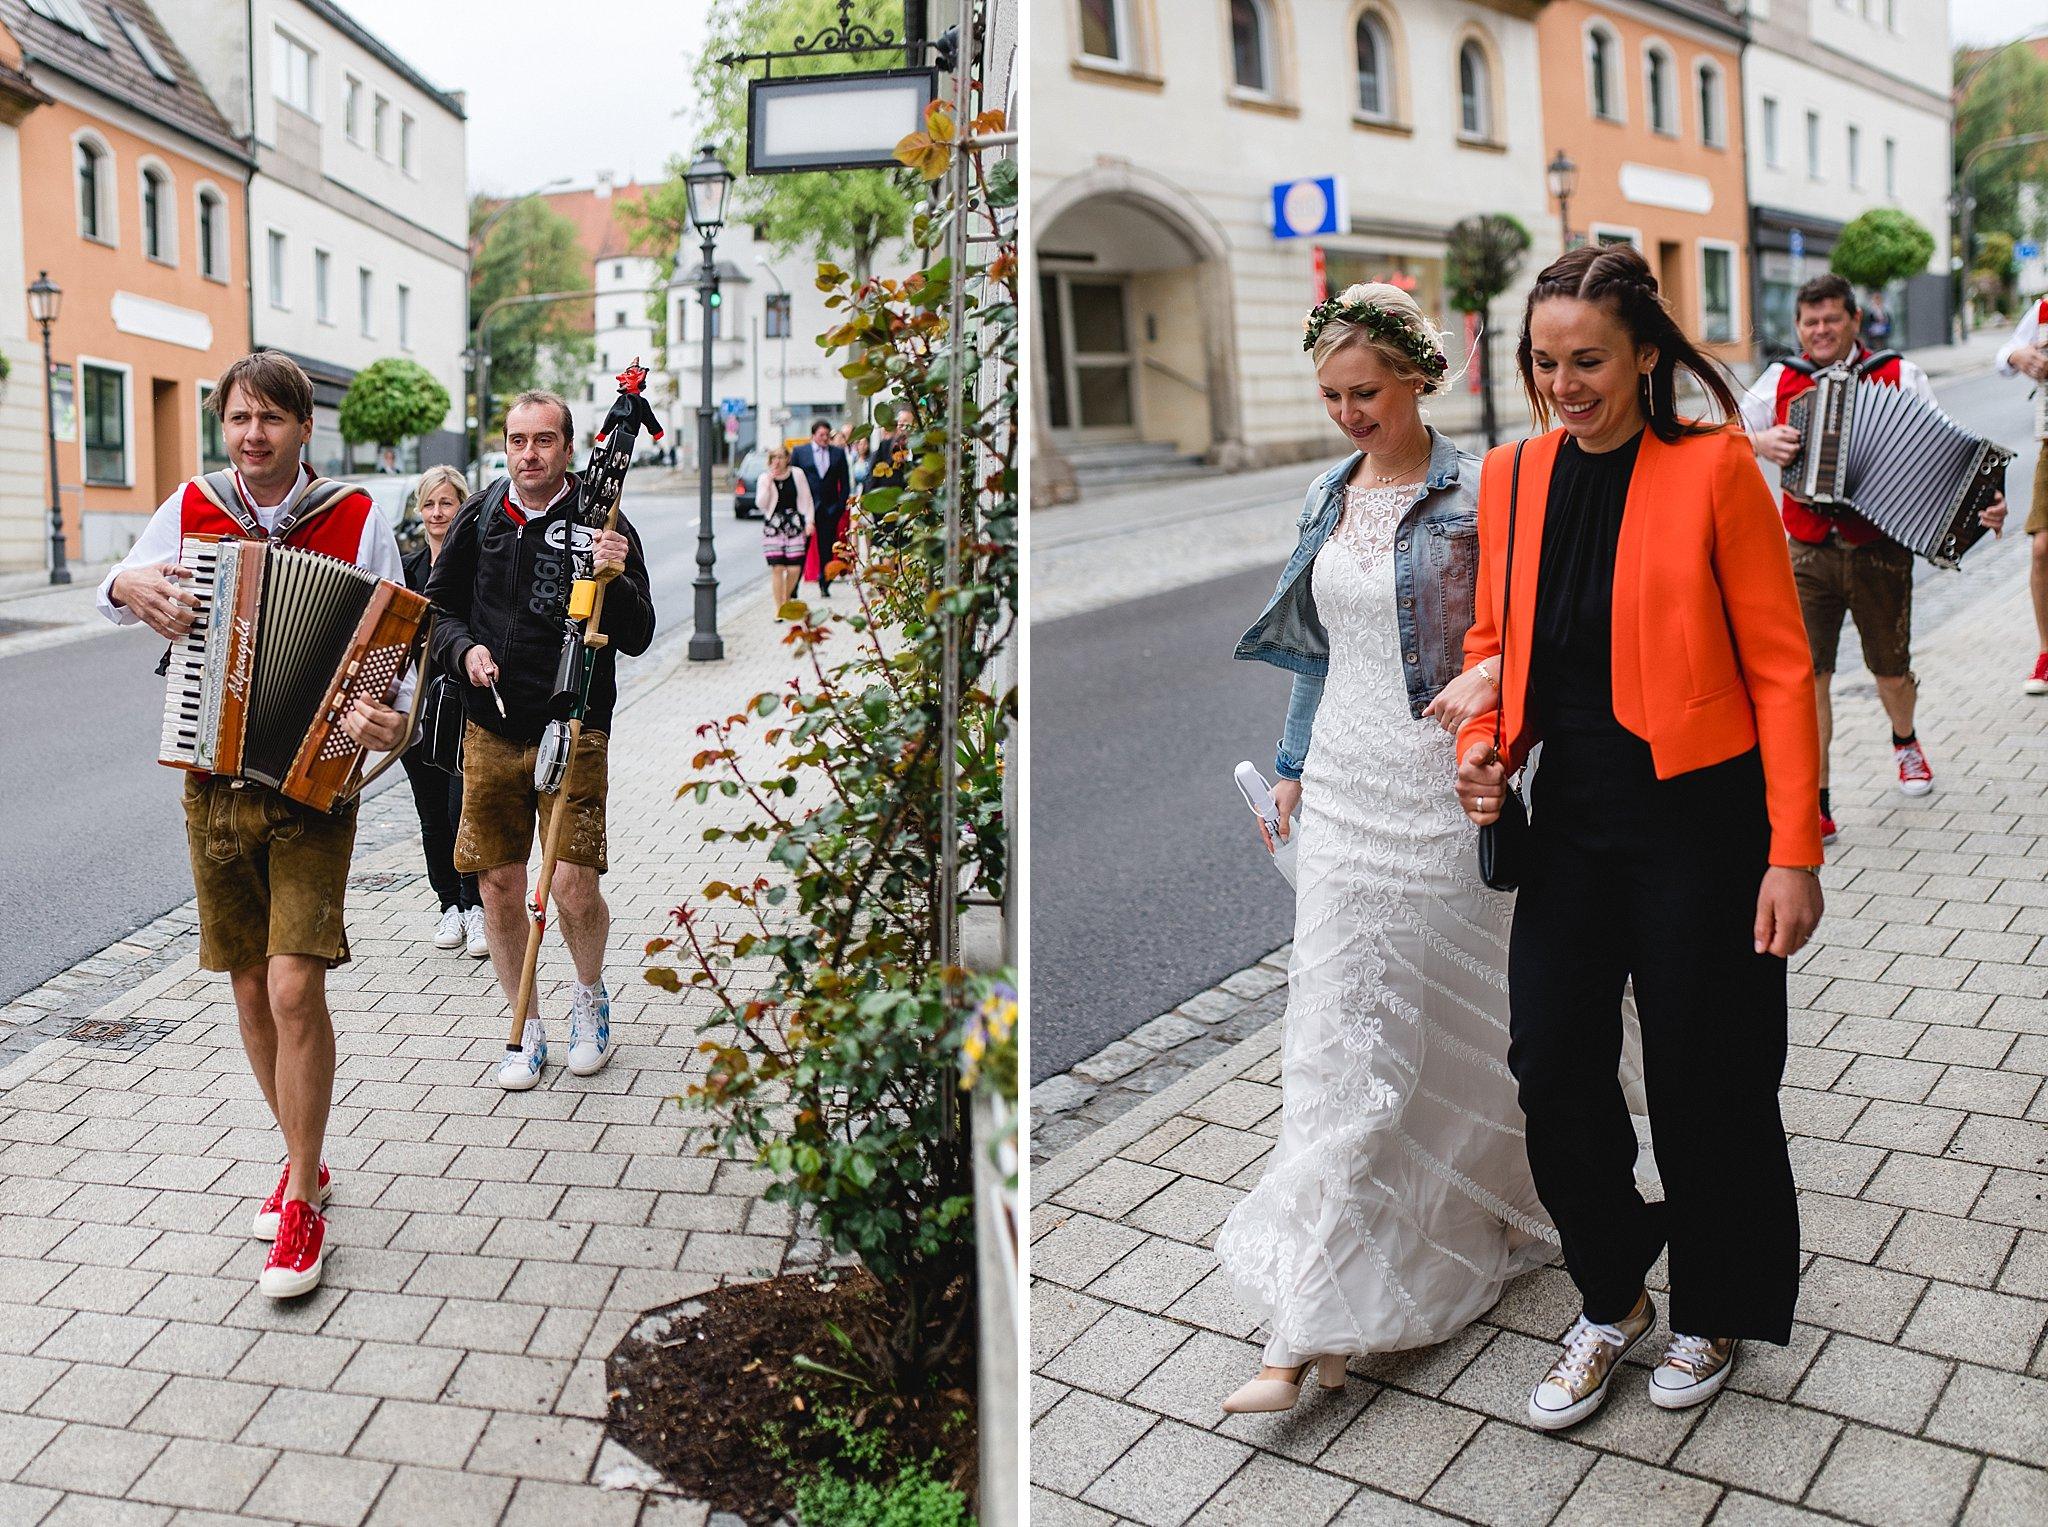 Hochzeit-von-Marina-Dominik-auf-Burg-Wernberg-und-Schloss-Friedrichsburg-00121